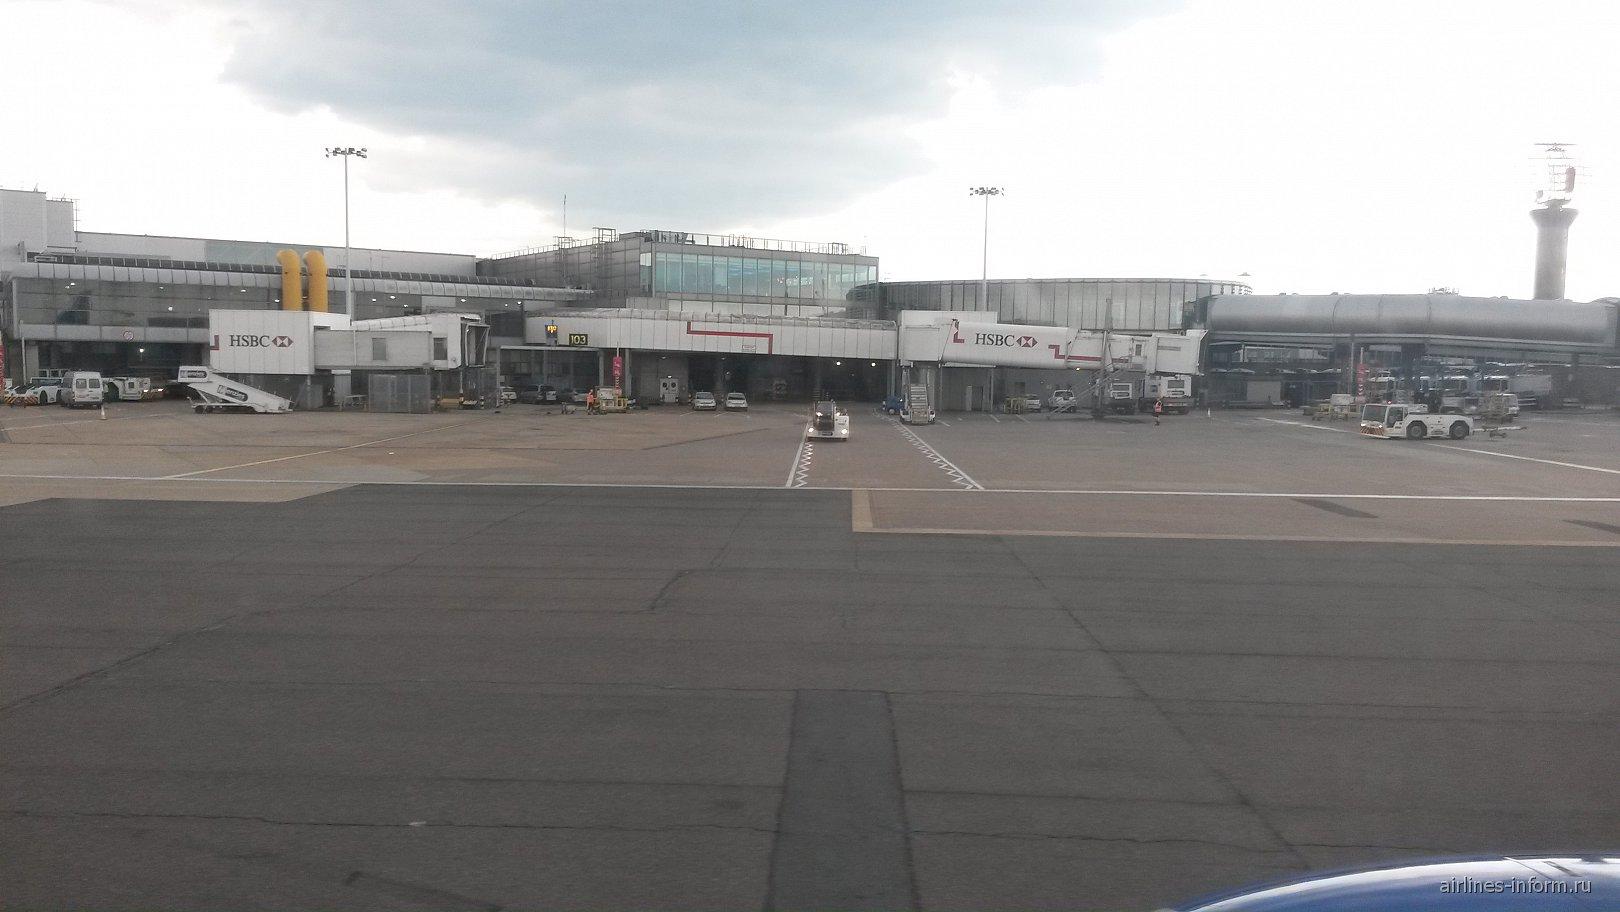 Терминал 1 аэропорта Лондон Хитроу со стороны летного поля